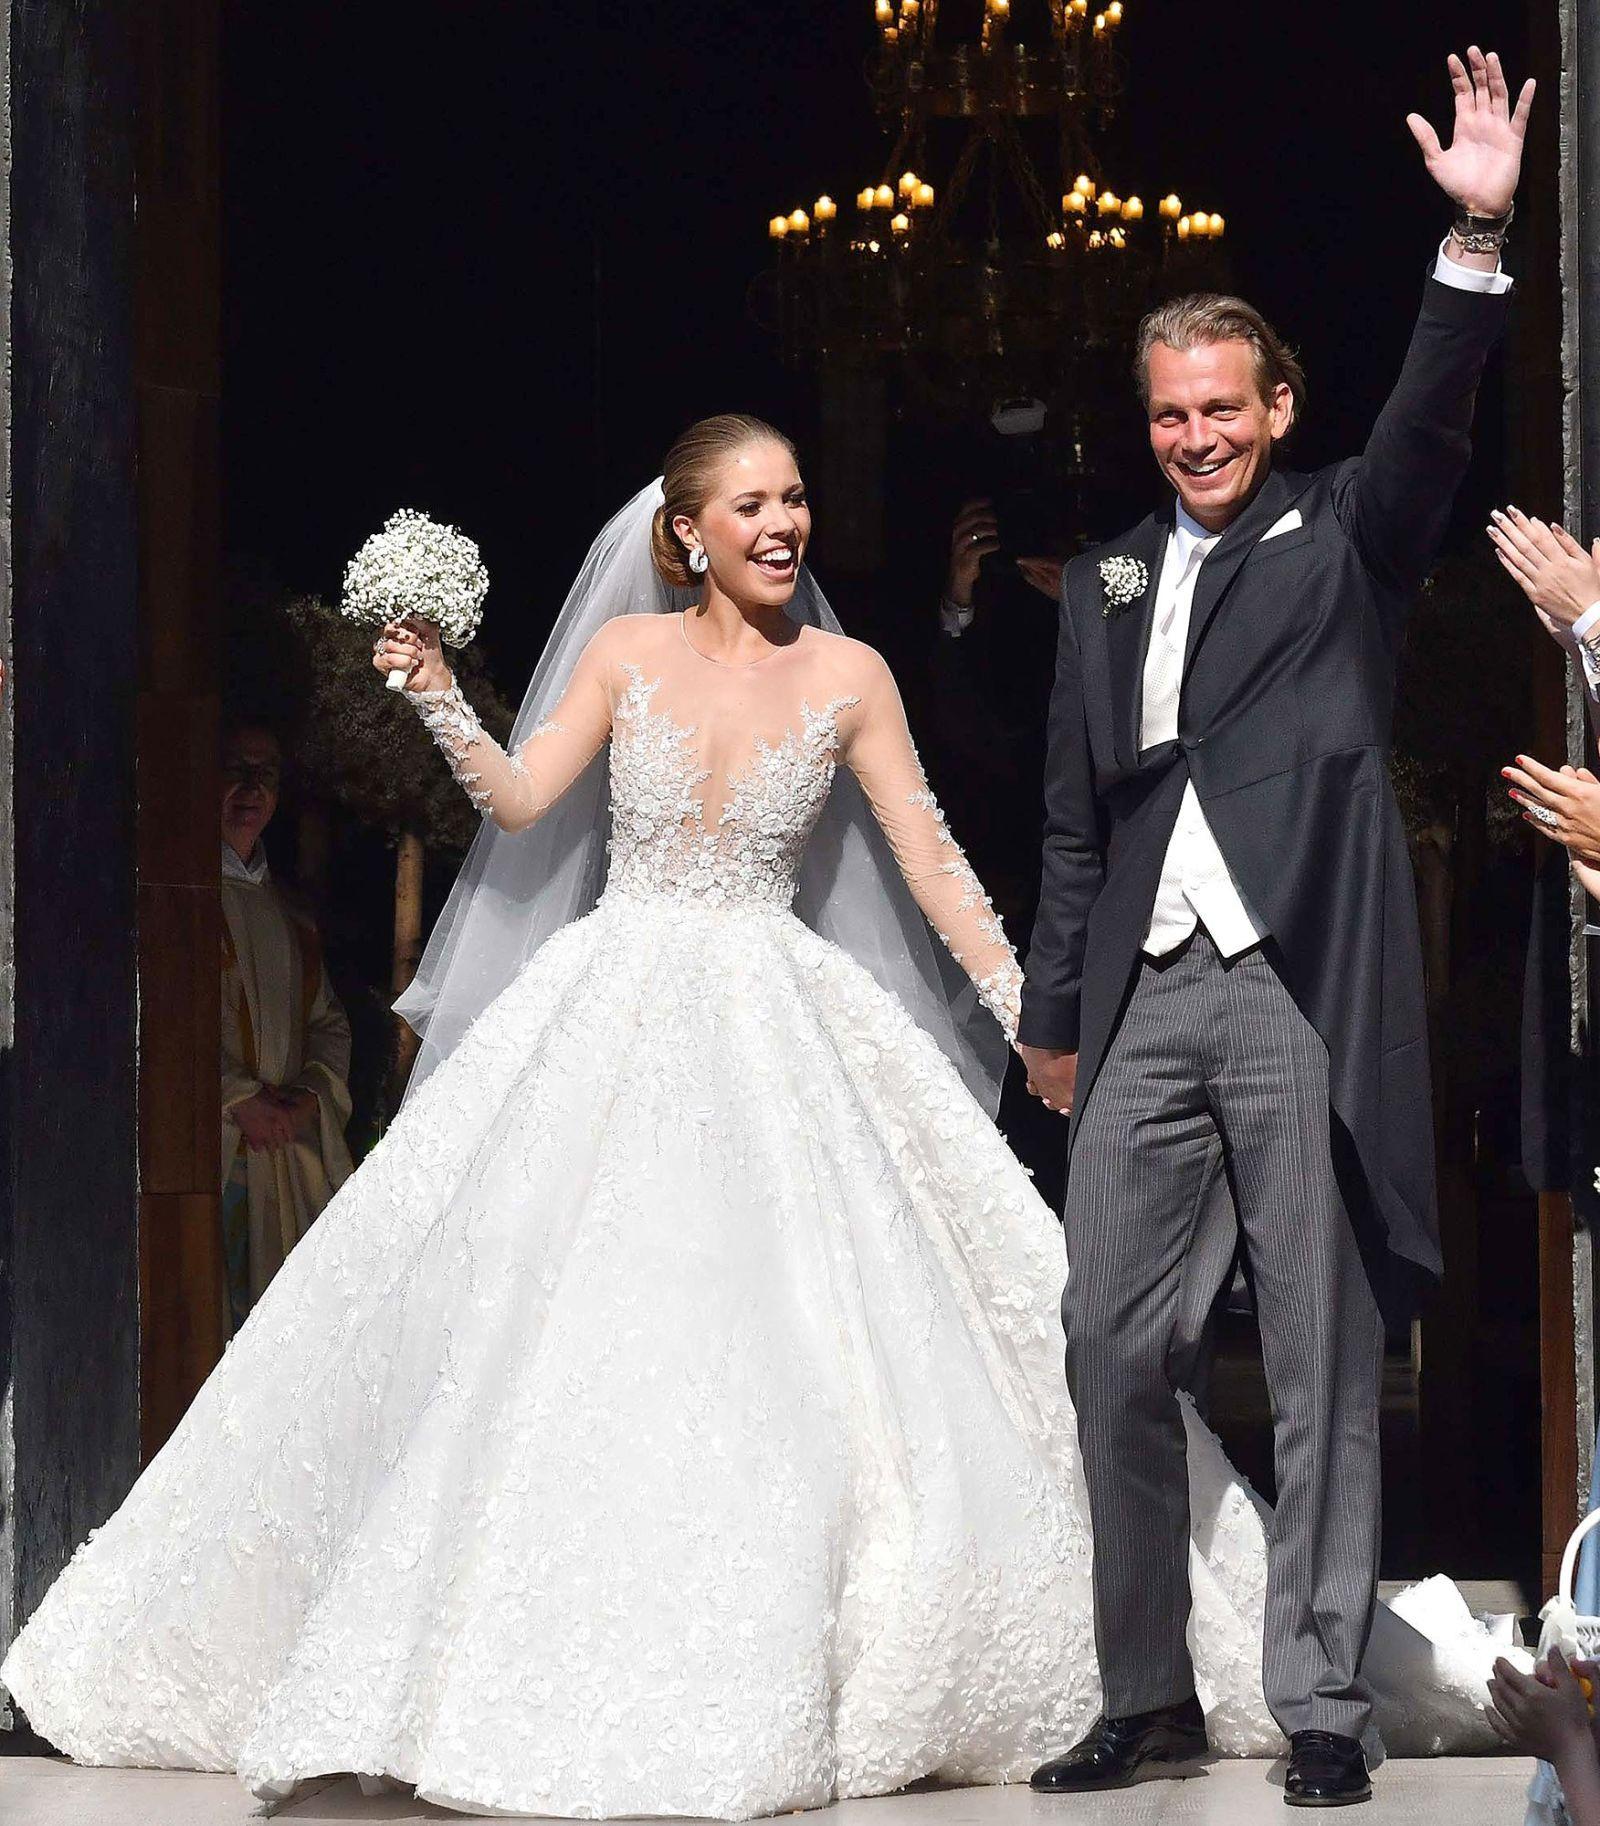 Vestiti Da Sposa Luccicanti.L Abito Da Sposa Di Victoria Swarovski E Ovviamente Il Piu